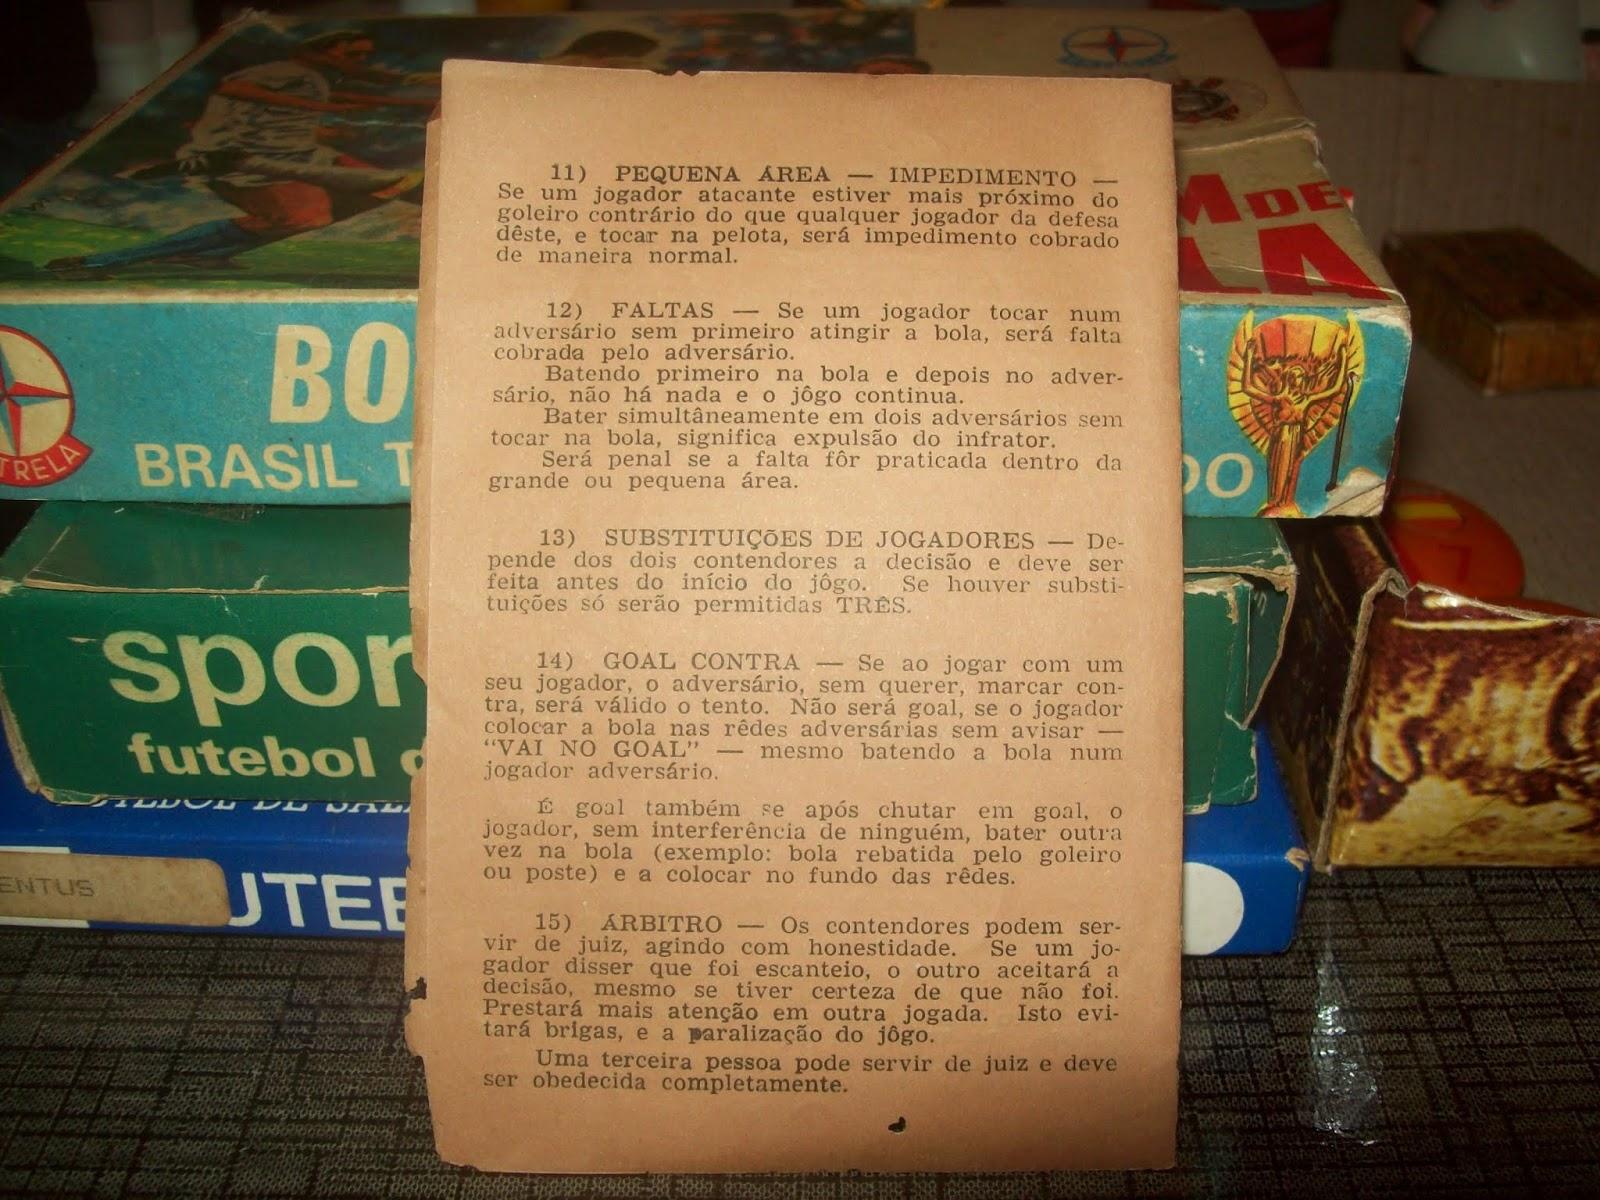 117eae10f5 Botões para Sempre  Regras para Futebol de Botão da Estrela - 1960´s